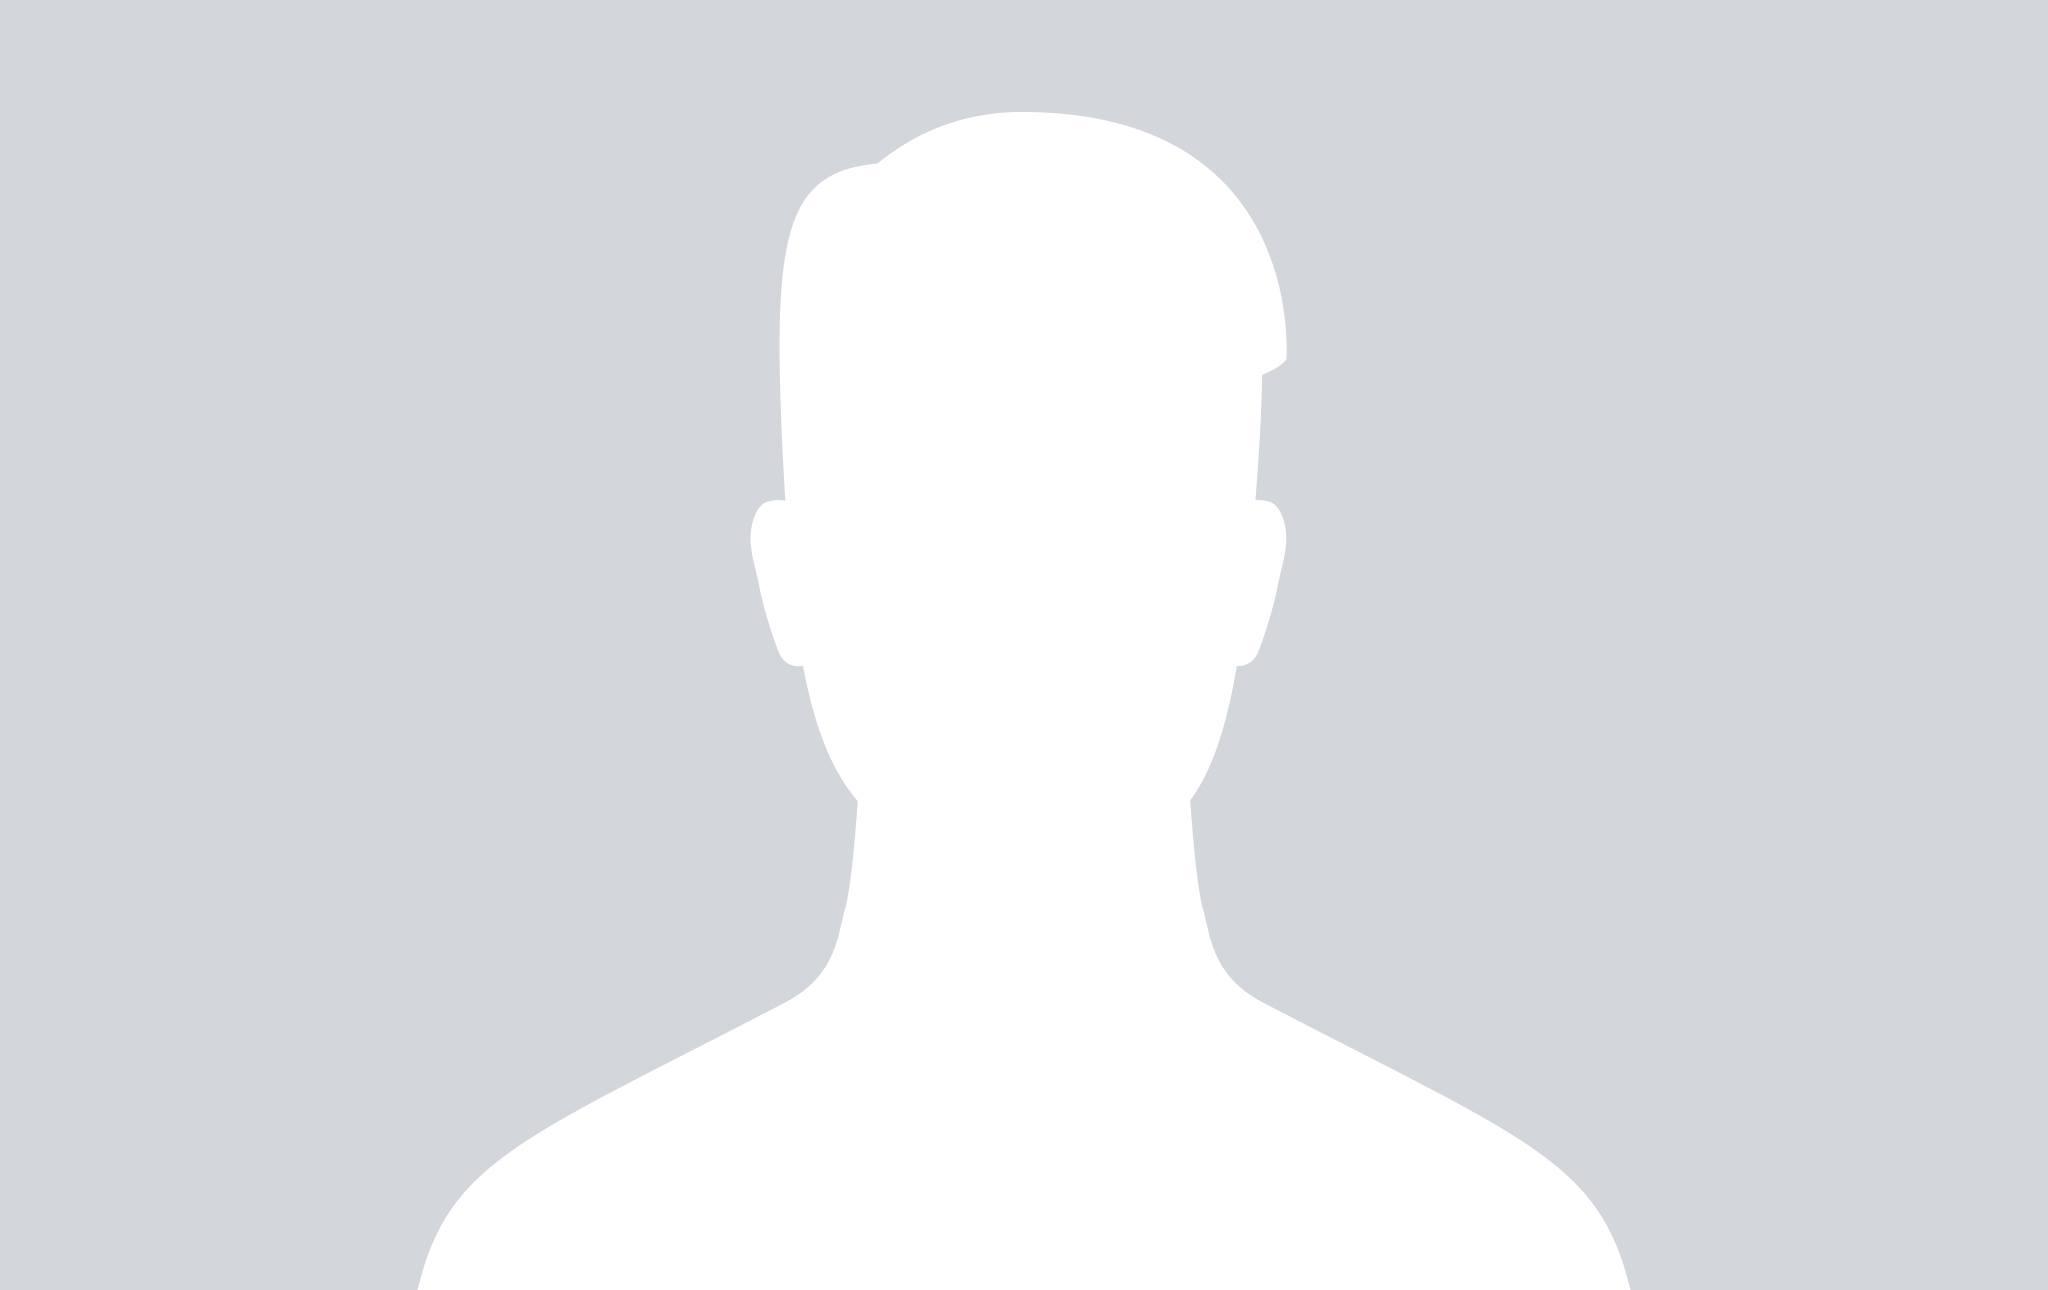 https://d2yht872mhrlra.cloudfront.net/user/136971/user_136971.jpg